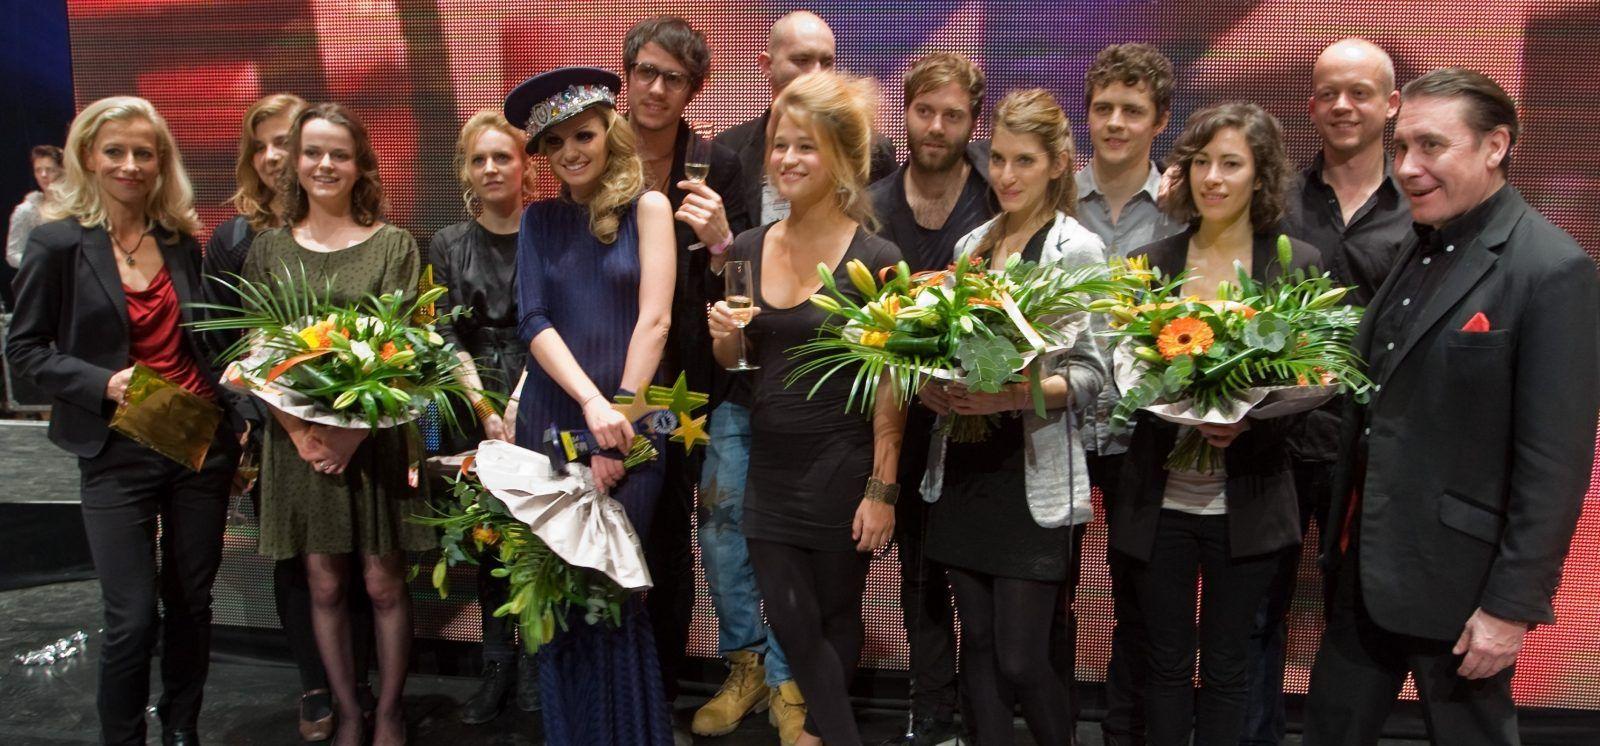 ebba-award-2012-35-e1340199238392.jpg